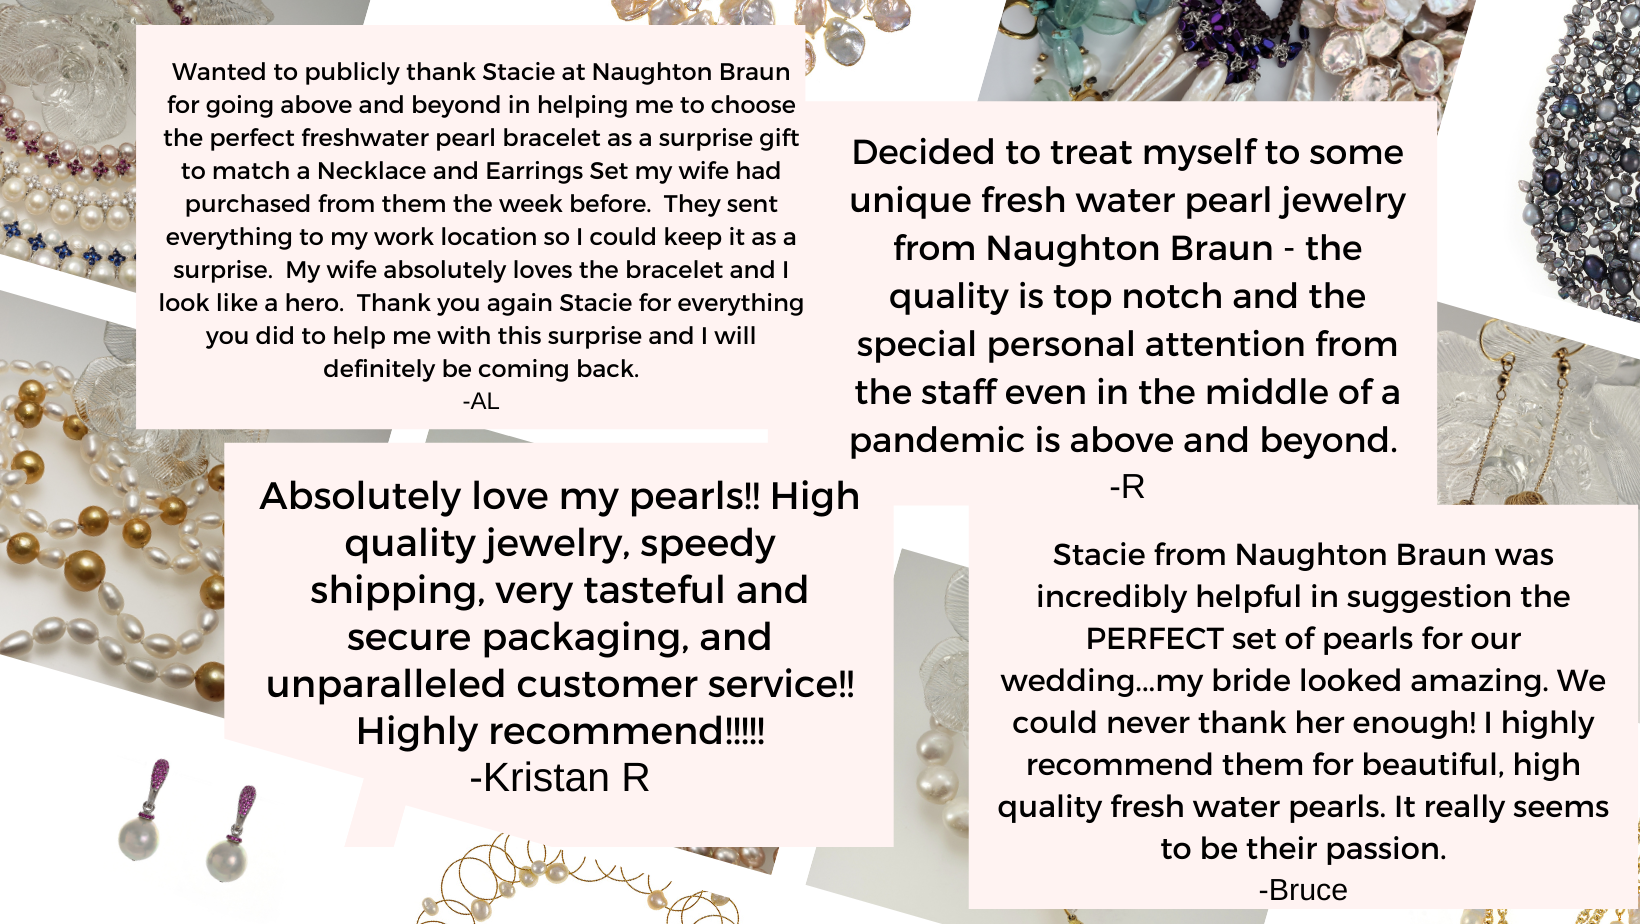 Naughton Braun Testimonials from Satisfied Customers